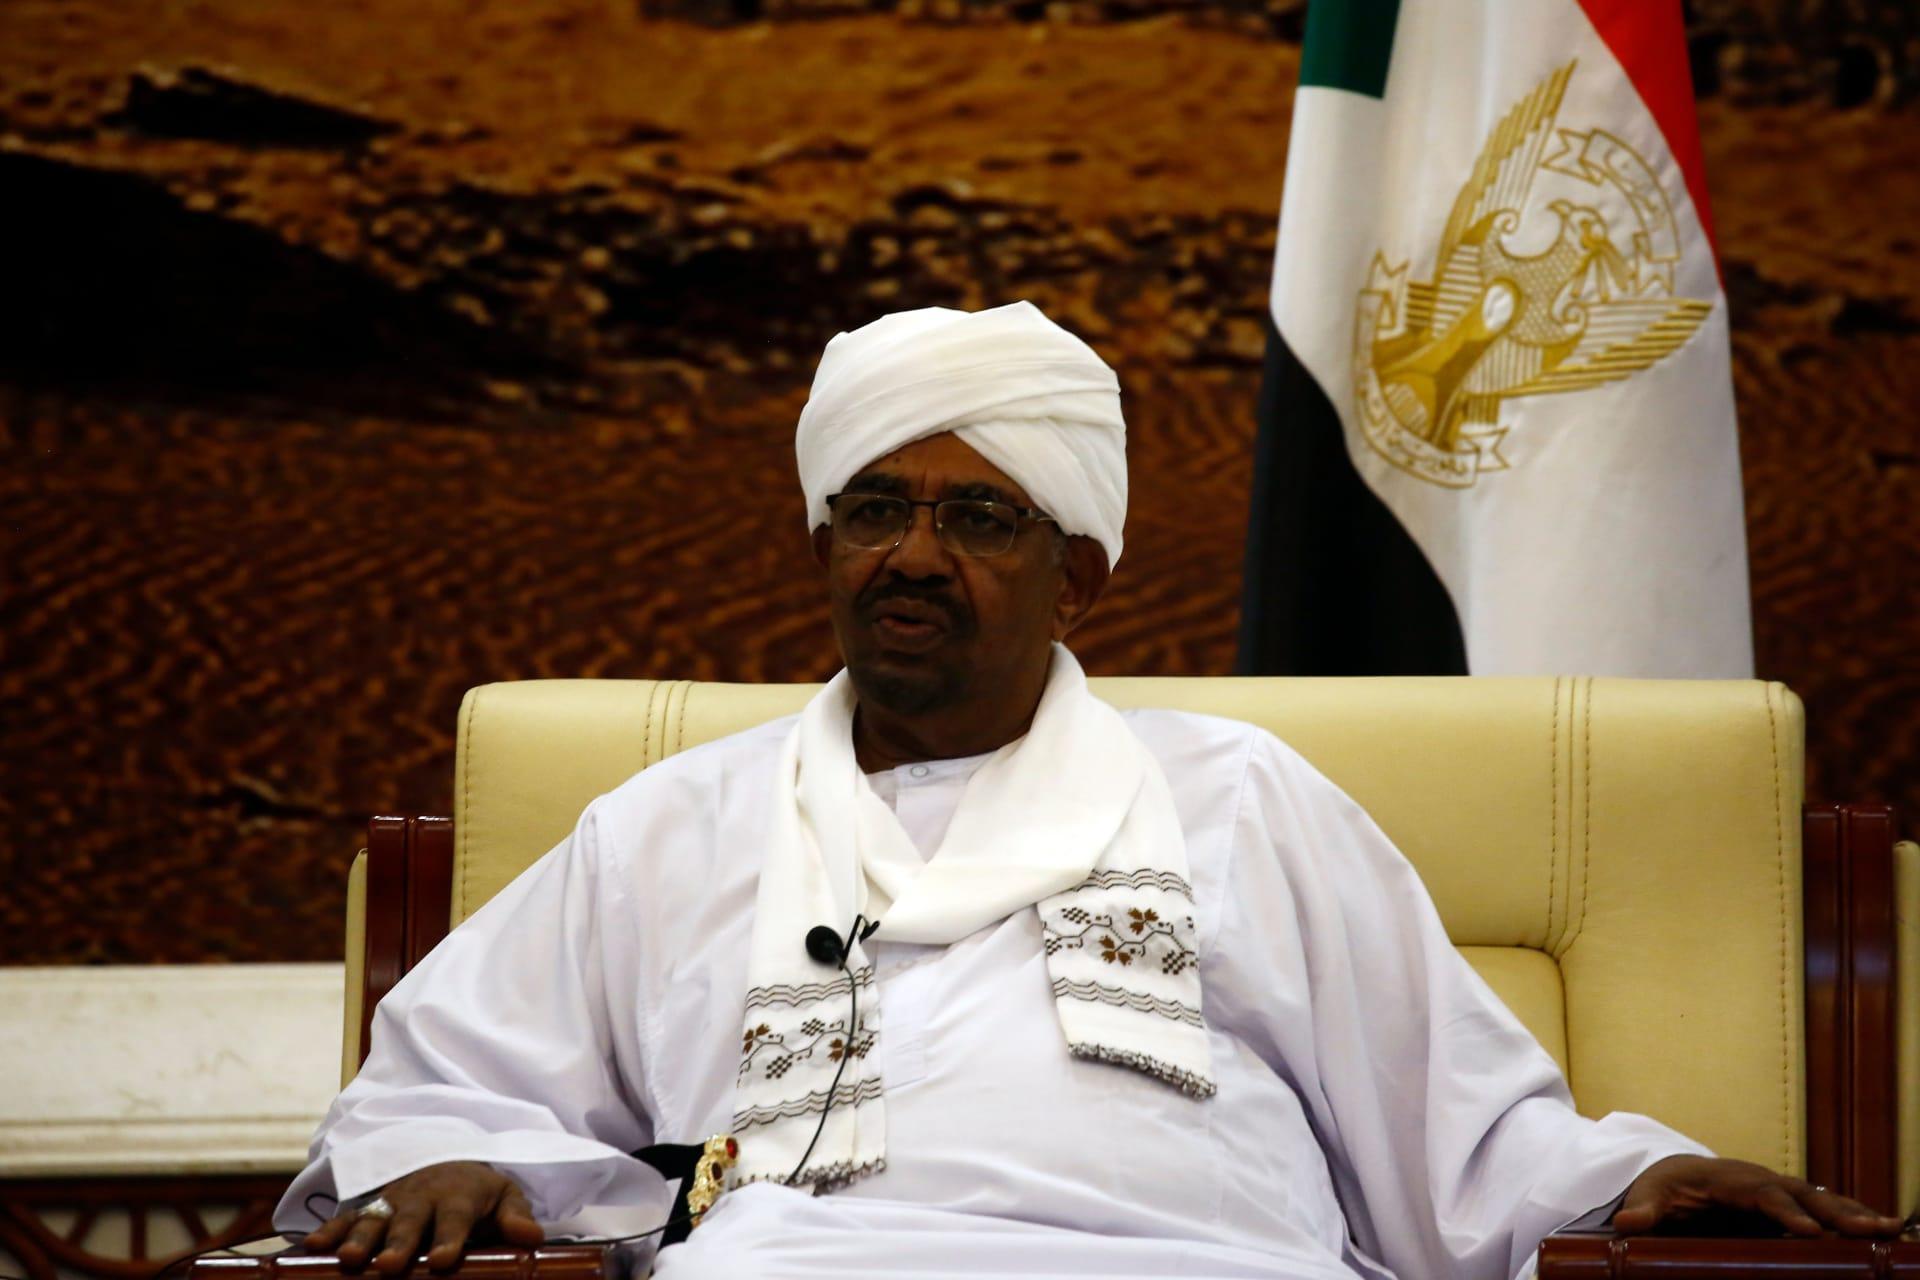 الرئيس السوداني يلغي جميع مهرجانات السياحة والتسوق..فما السبب؟